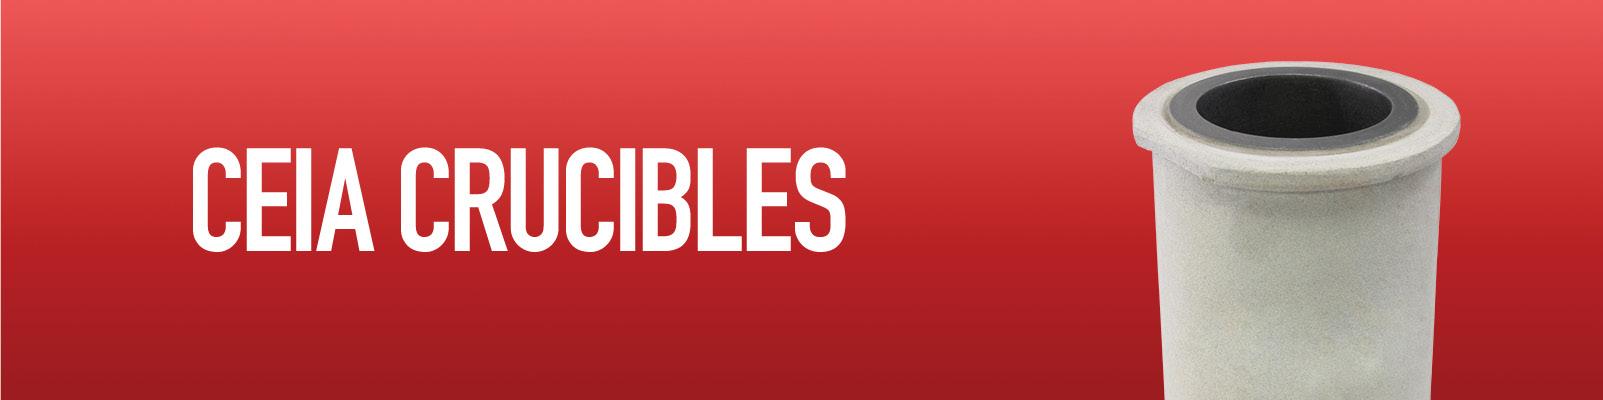 Ceia Crucibles